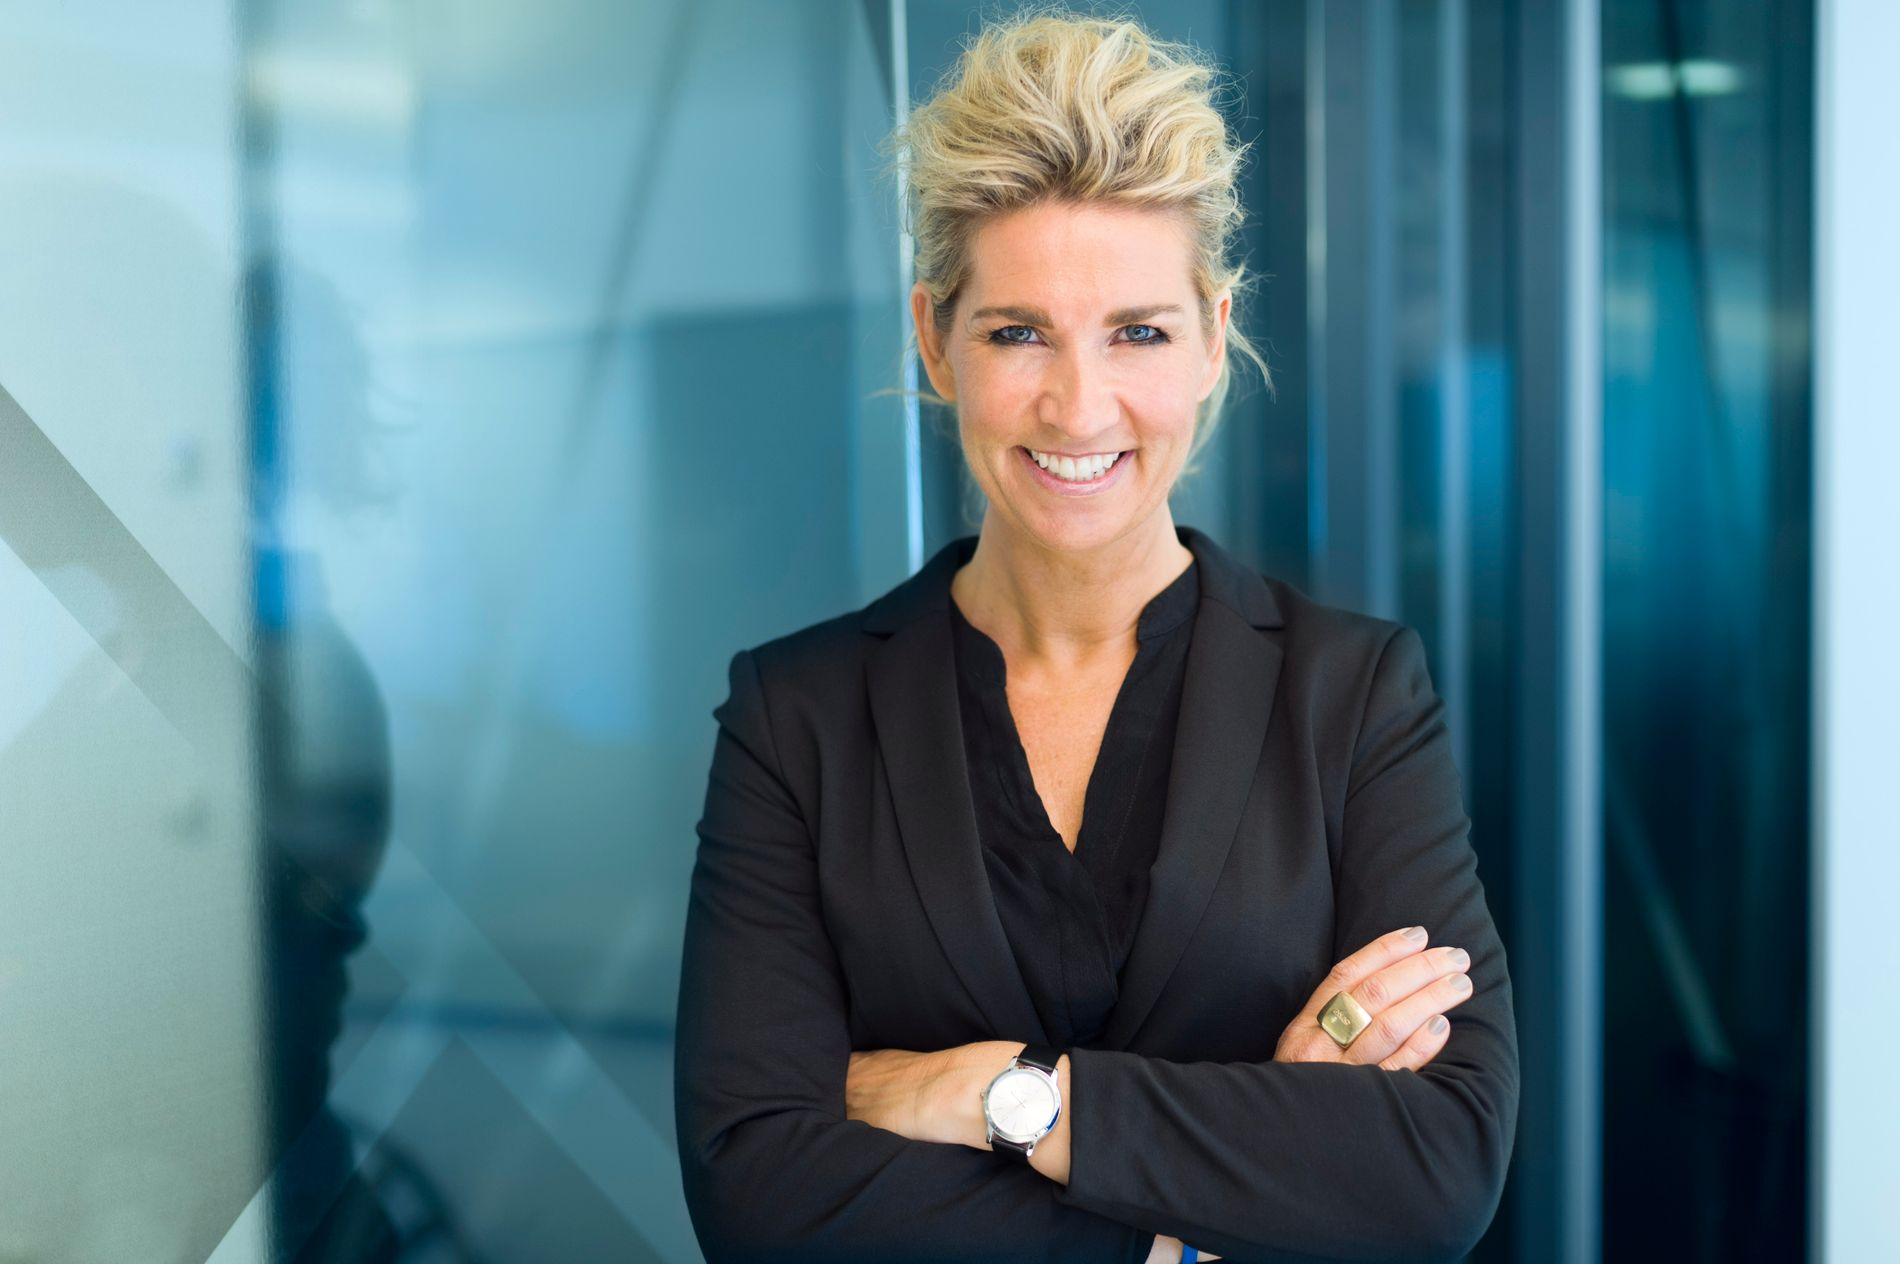 Sheconomy: Benja Stig Fagerland skrev boka Sheconomy, som handler om  hvordan kvinnene kan bidra til å forbedre og forandre forretningslivet - og om hvorfor kvinner lønner seg.